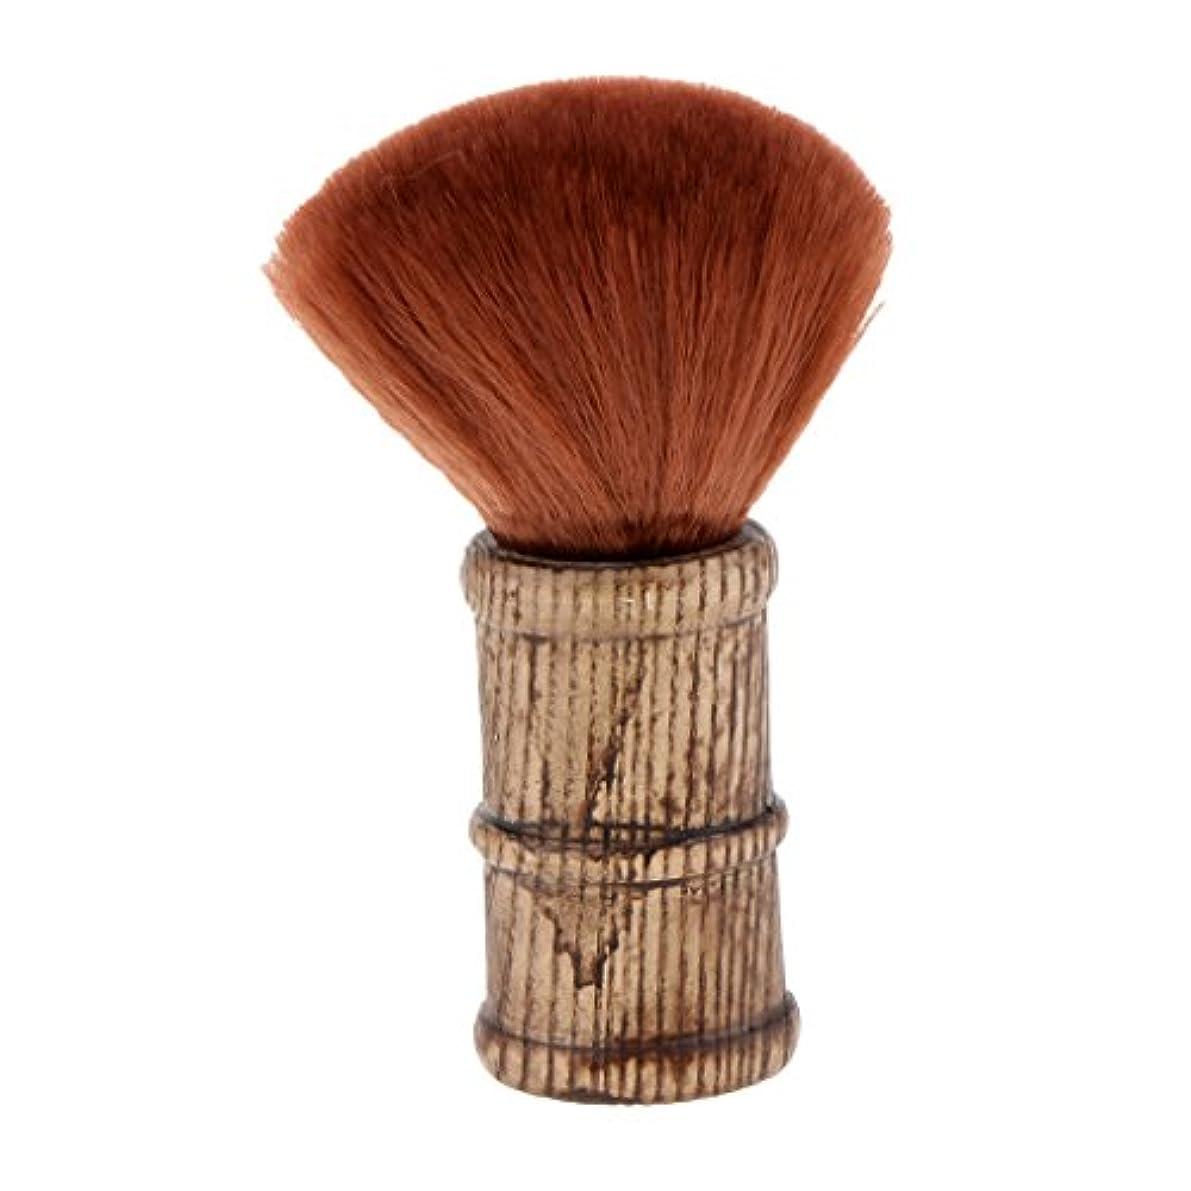 ずらす課す首謀者Homyl ネックダスターブラシ ヘアカットブラシ メイクブラシ サロン 理髪師 散髪 ブラシ 滑り防止 耐久性 2色選べる - 褐色